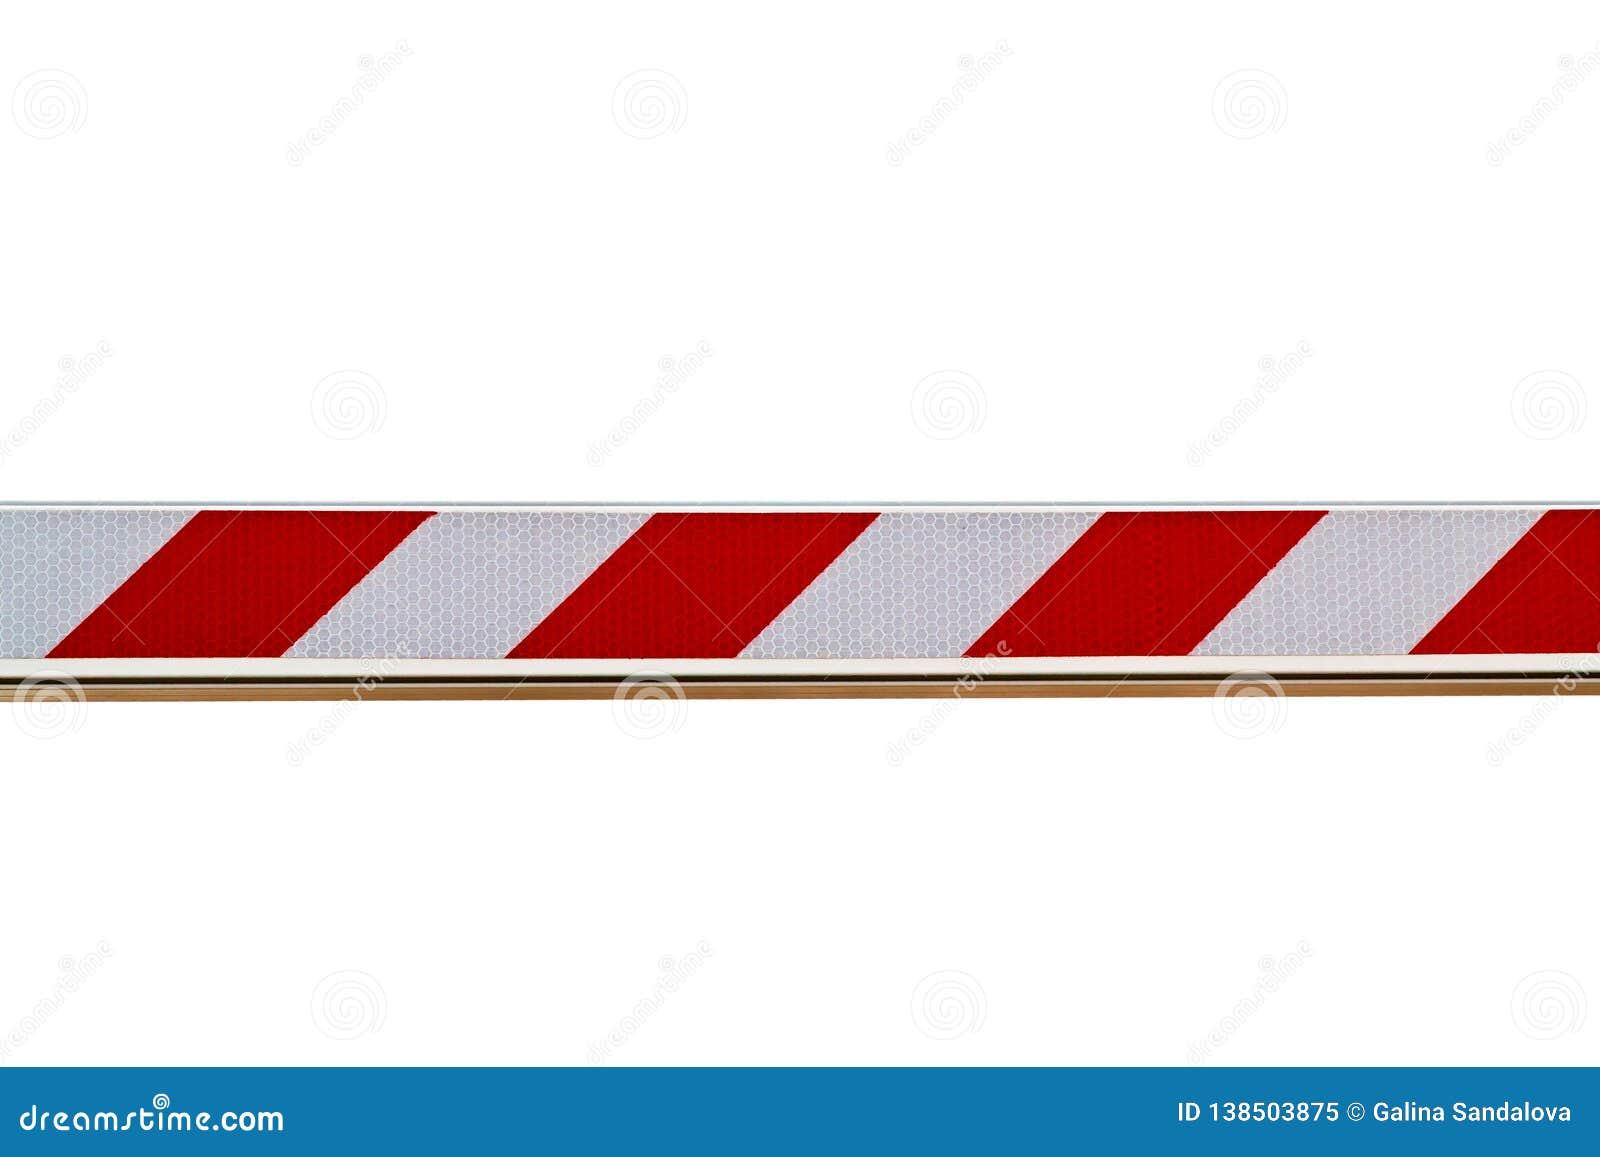 Barrera rayada roja y blanca aislada en el fondo blanco